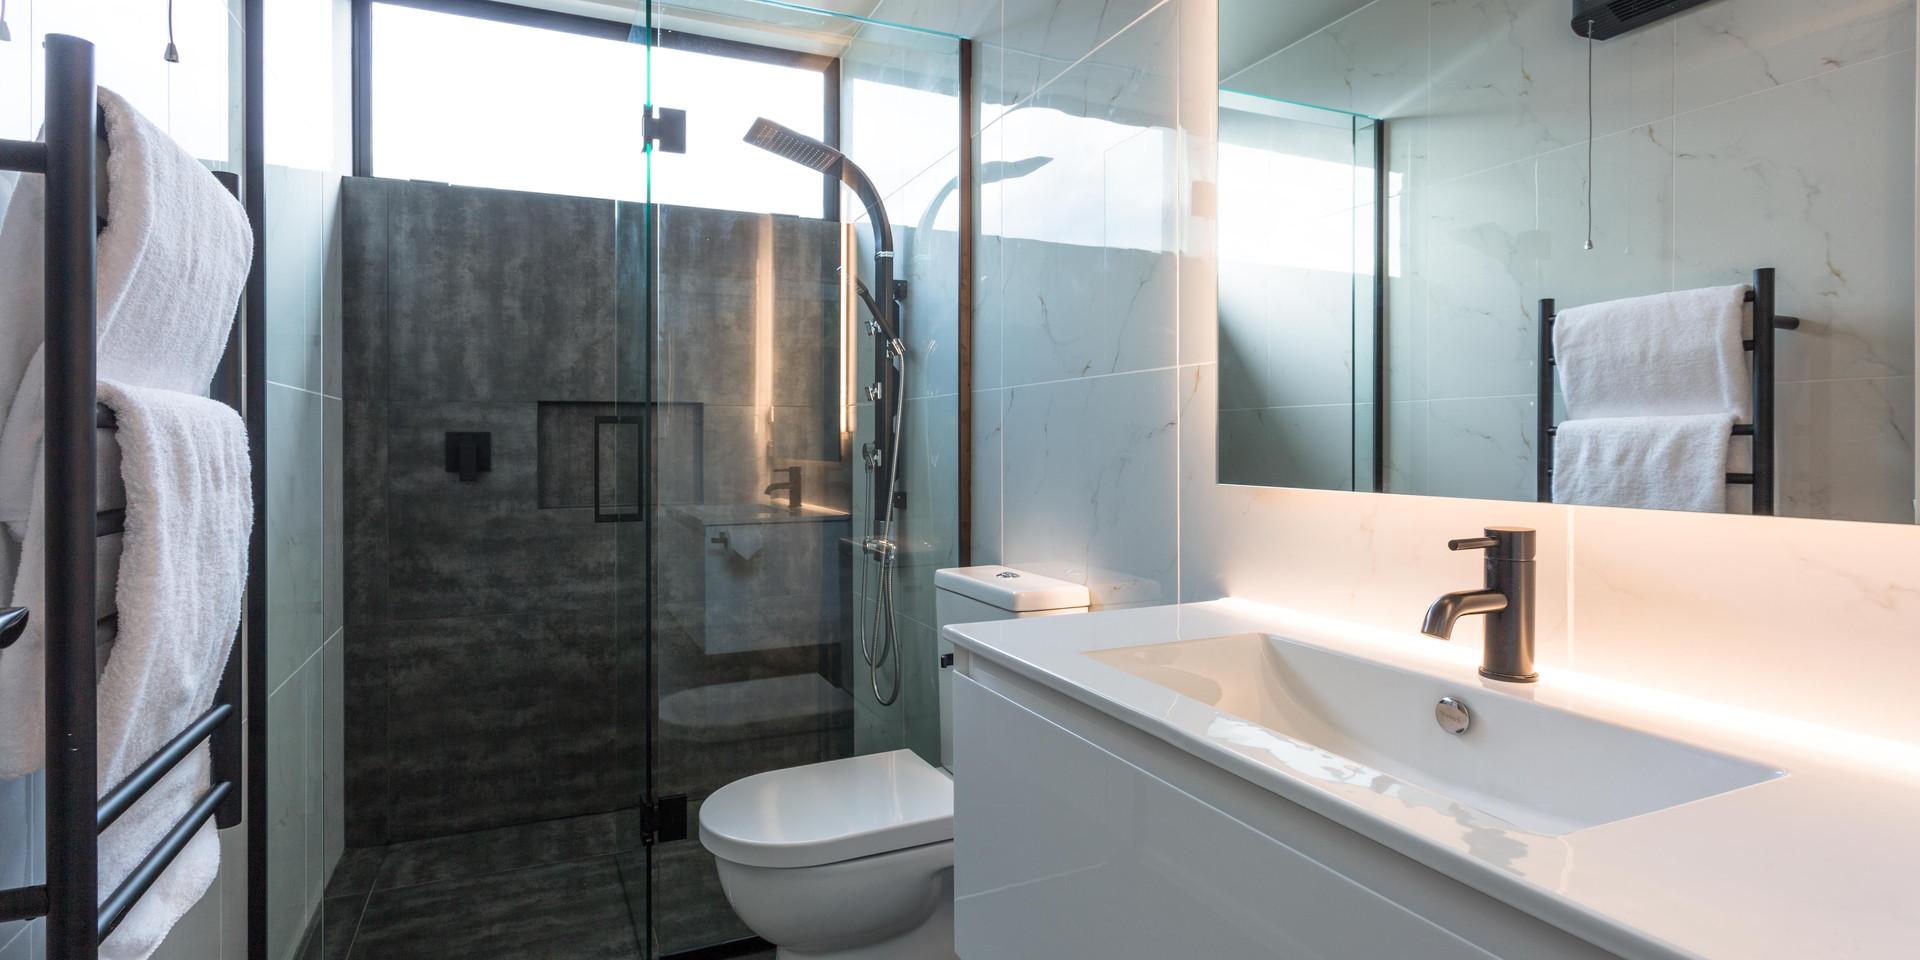 Extended Aspect 4 Bathroom